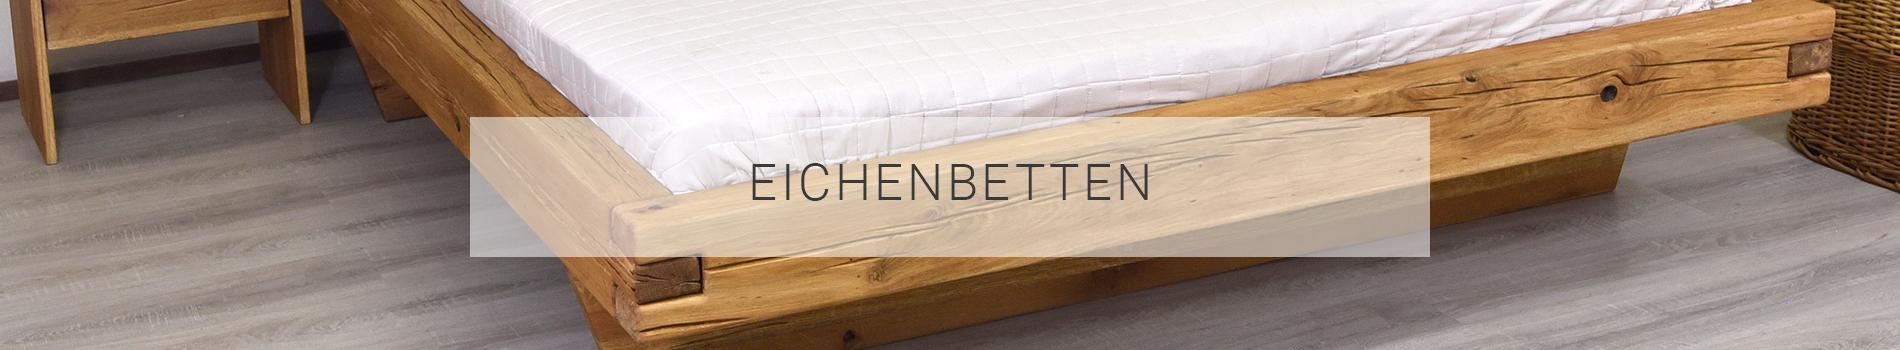 Diese Möbel Werden Hauptsächlich In Deutschland Und Frankreich Verkauft.  Gönnen Sie Sich Diese Luxuriösen Und Geschmackvollen Möbel.